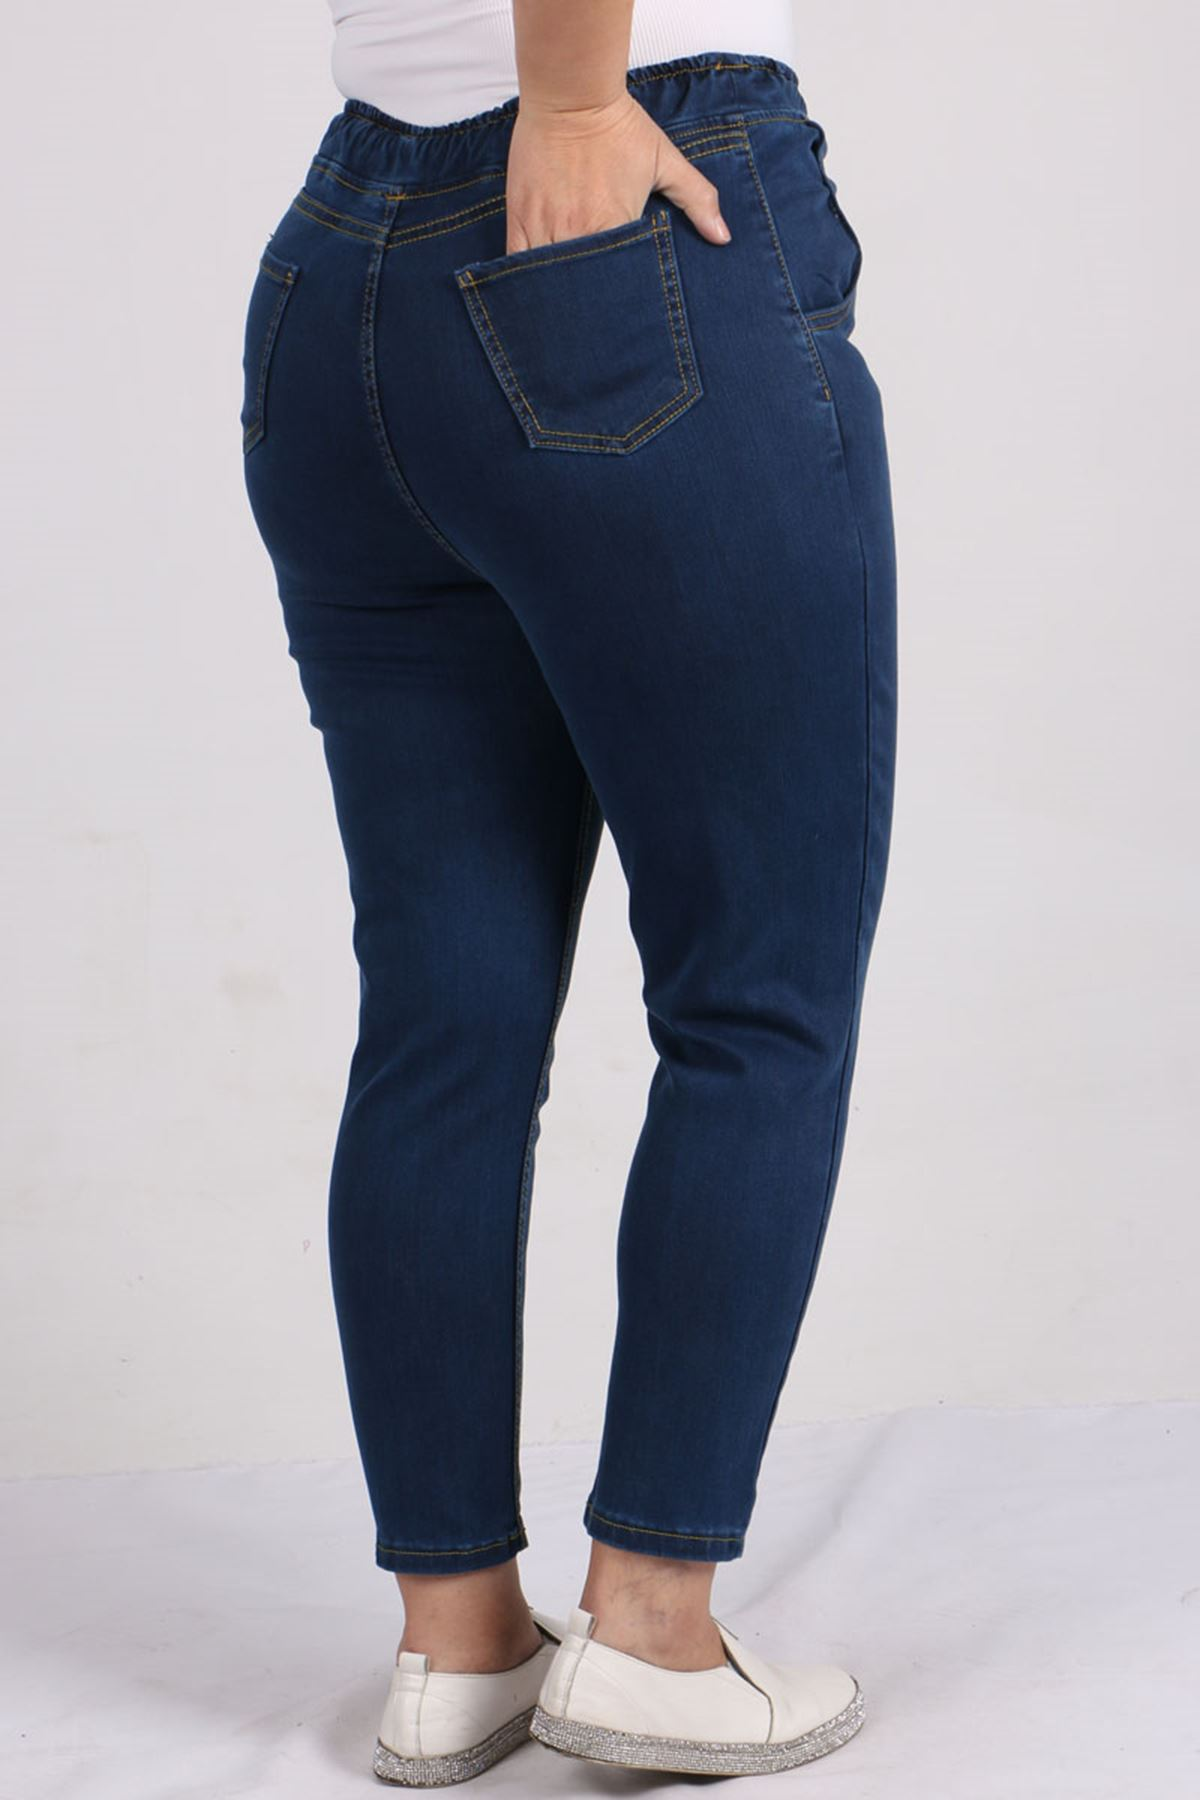 9136 Büyük Beden Beli Lastikli Mom Jeans Pantolon Koyu Mavi - Sarı